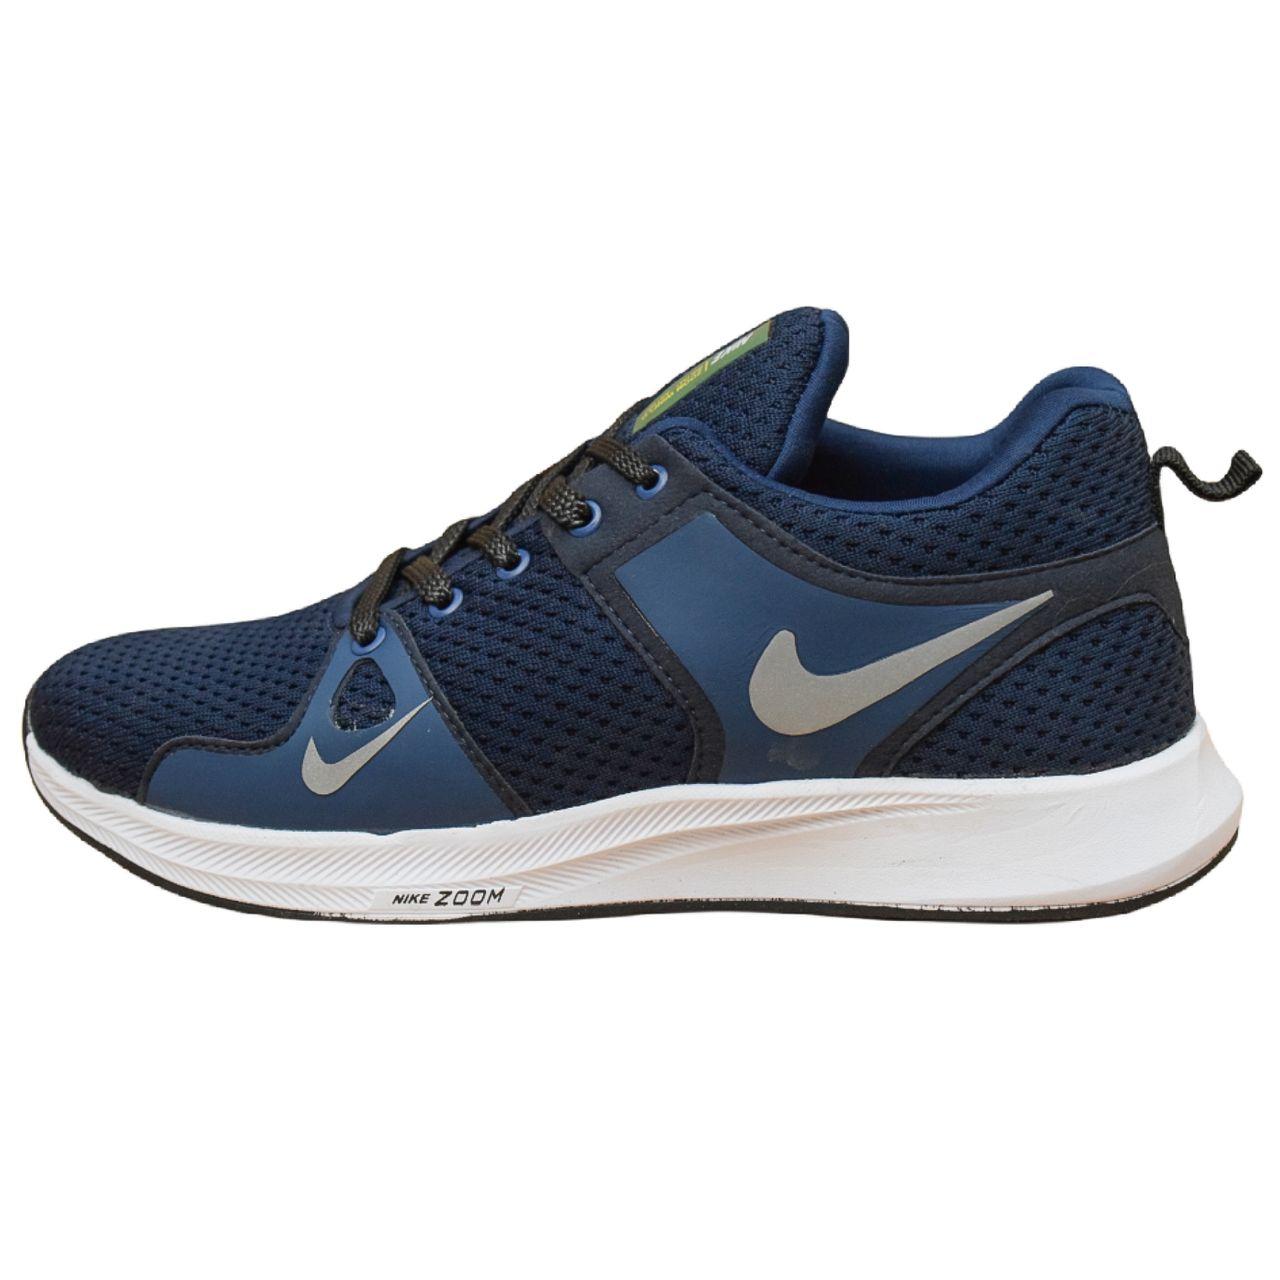 کفش راحتی مردانه نایکی مدل Zoom.2